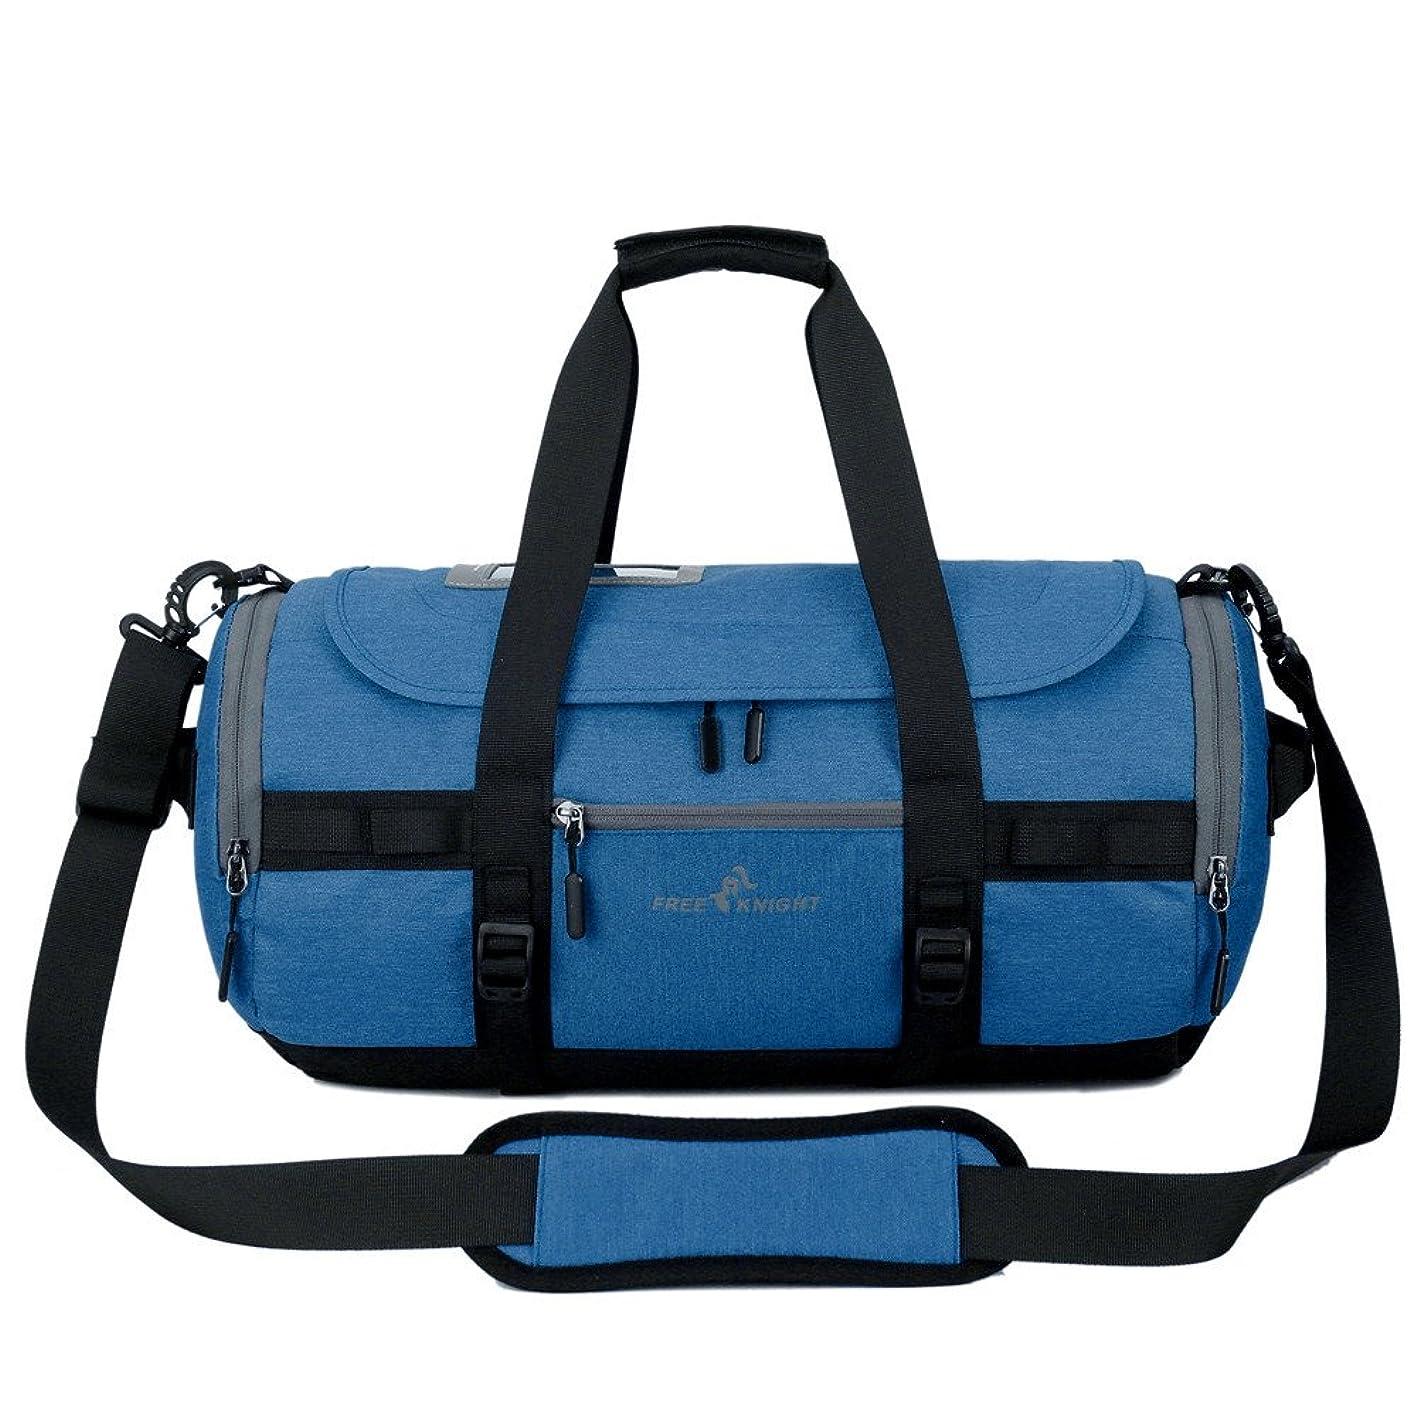 隠ミット大いにスポーツバッグ 大容量 INorton 旅行バッグ トラベルバッグ 軽量 耐久性 斜め掛け 手提げ シューズ収納 男女兼用 旅行 出張用ボストンバッグ